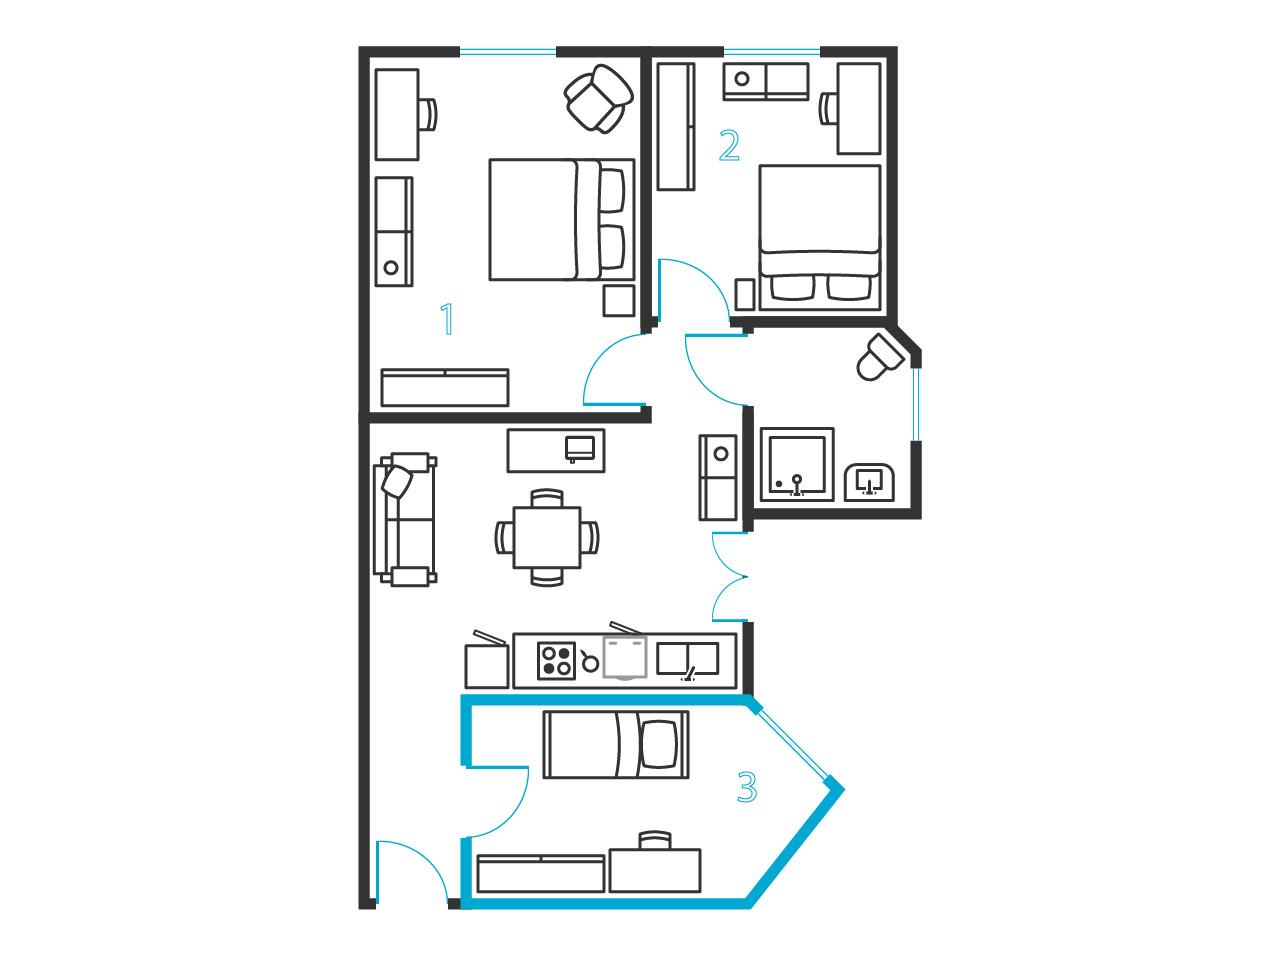 Chambre simple dans un appartement de 3 chambres ref for Plan appartement 3 chambres